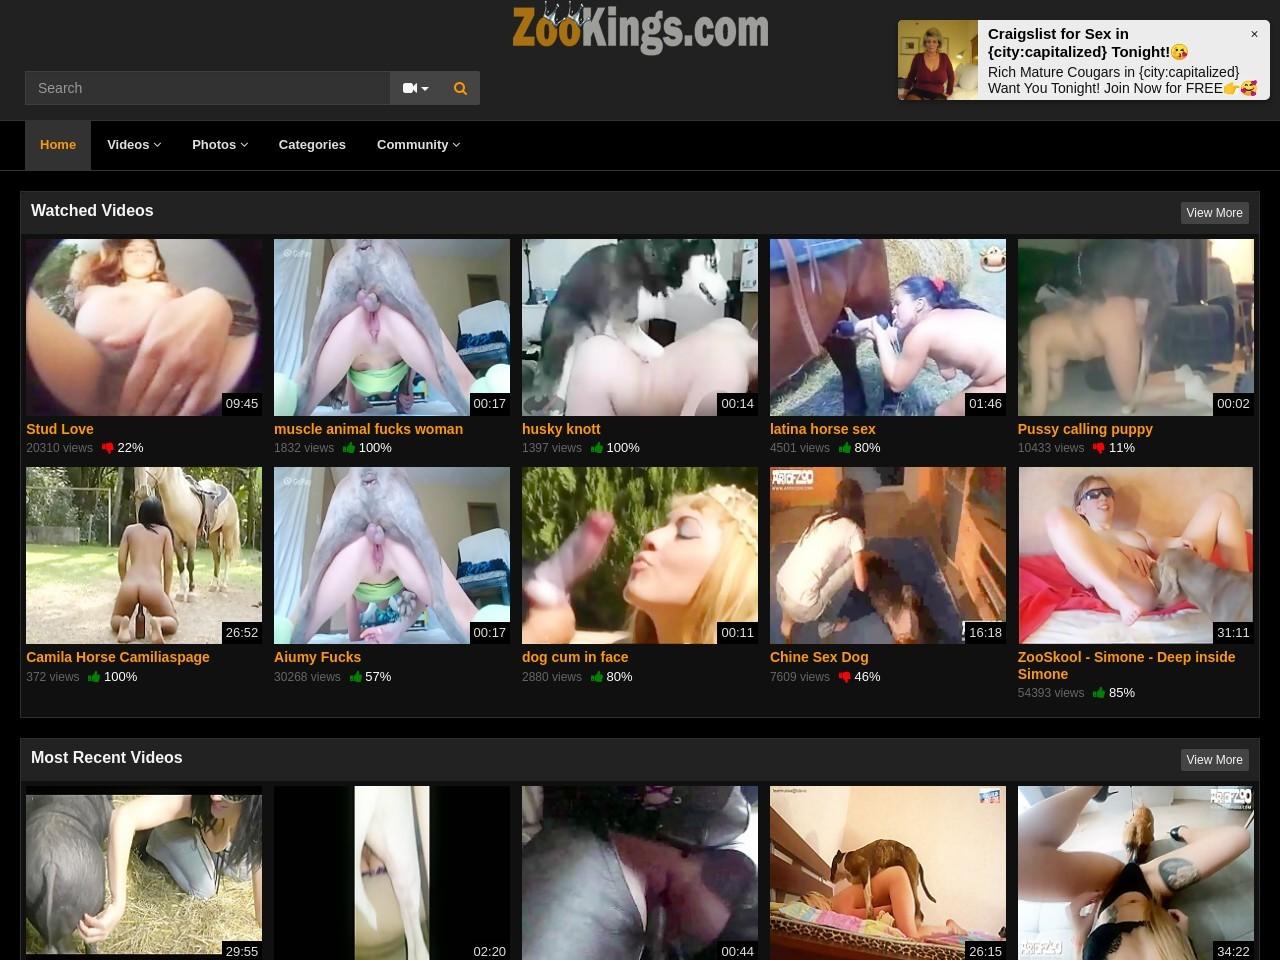 Zoo Videos - Zookings